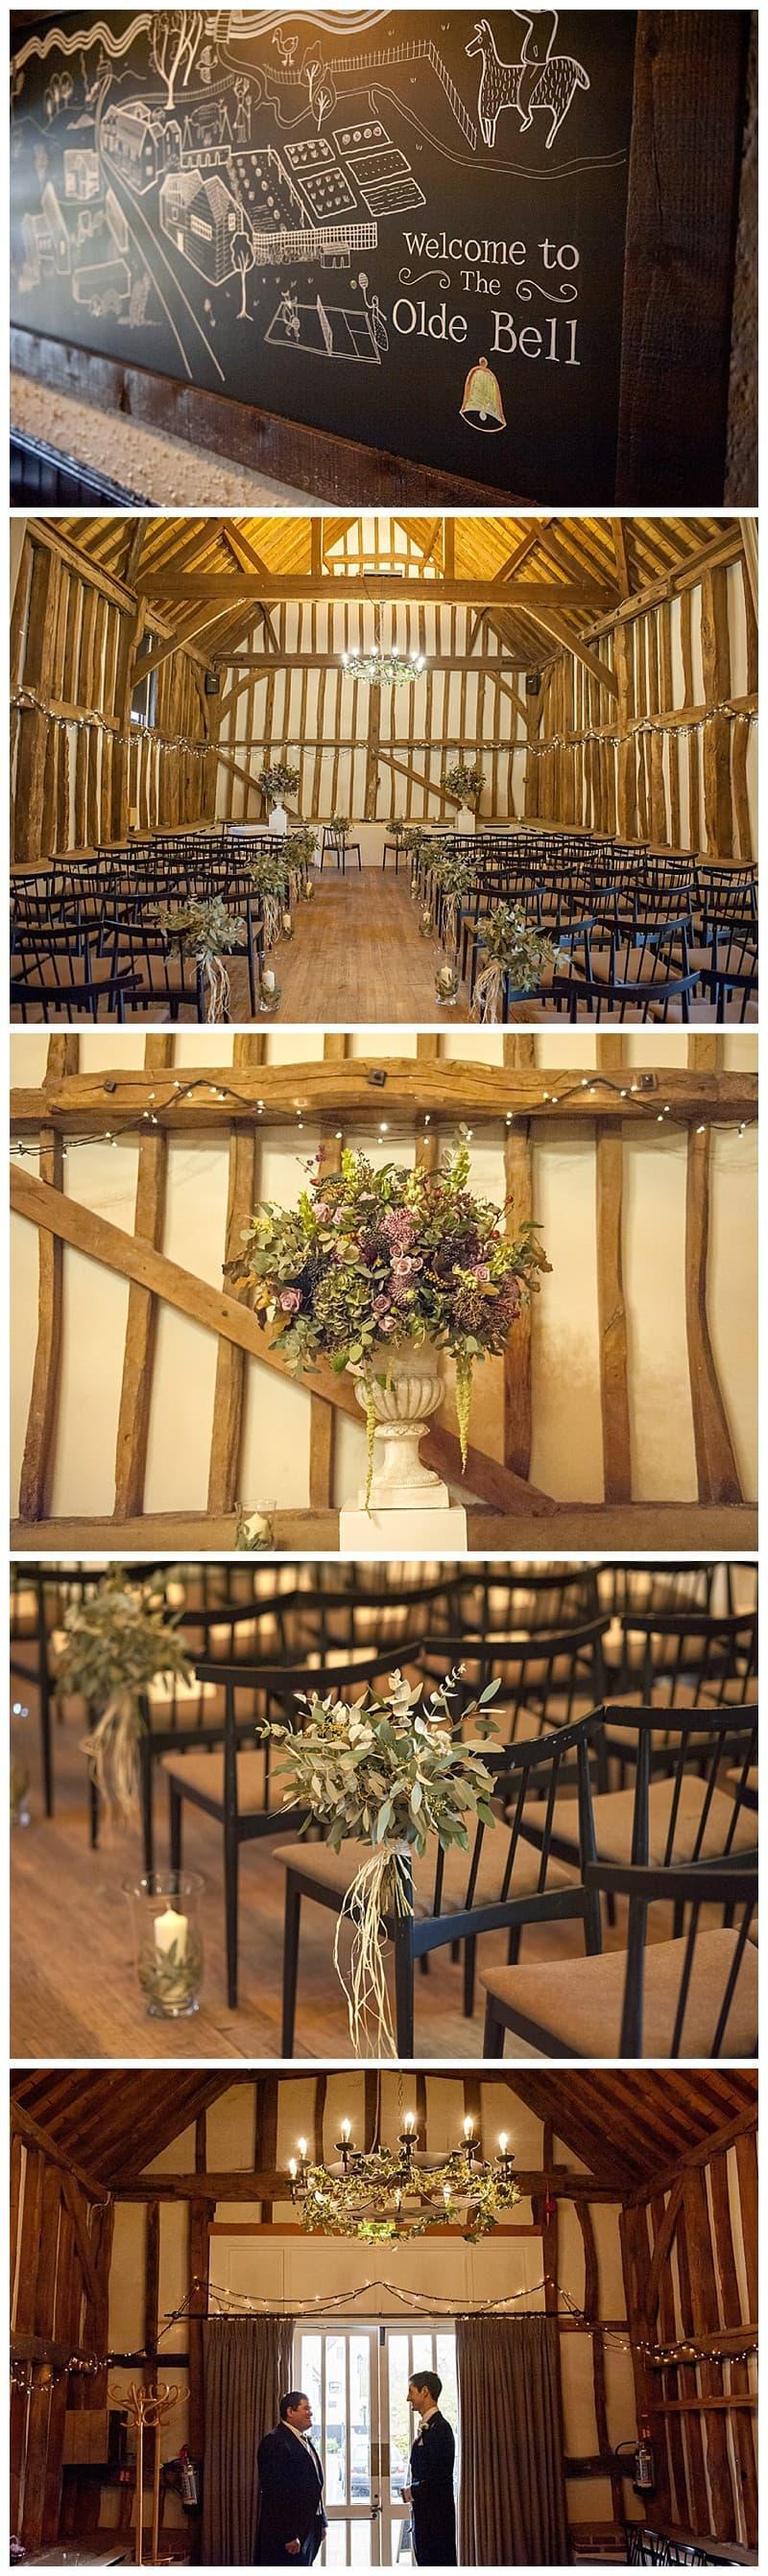 Stuart & Deborah, The Olde Bell, Hurley Wedding, Benjamin Wetherall Photography0011